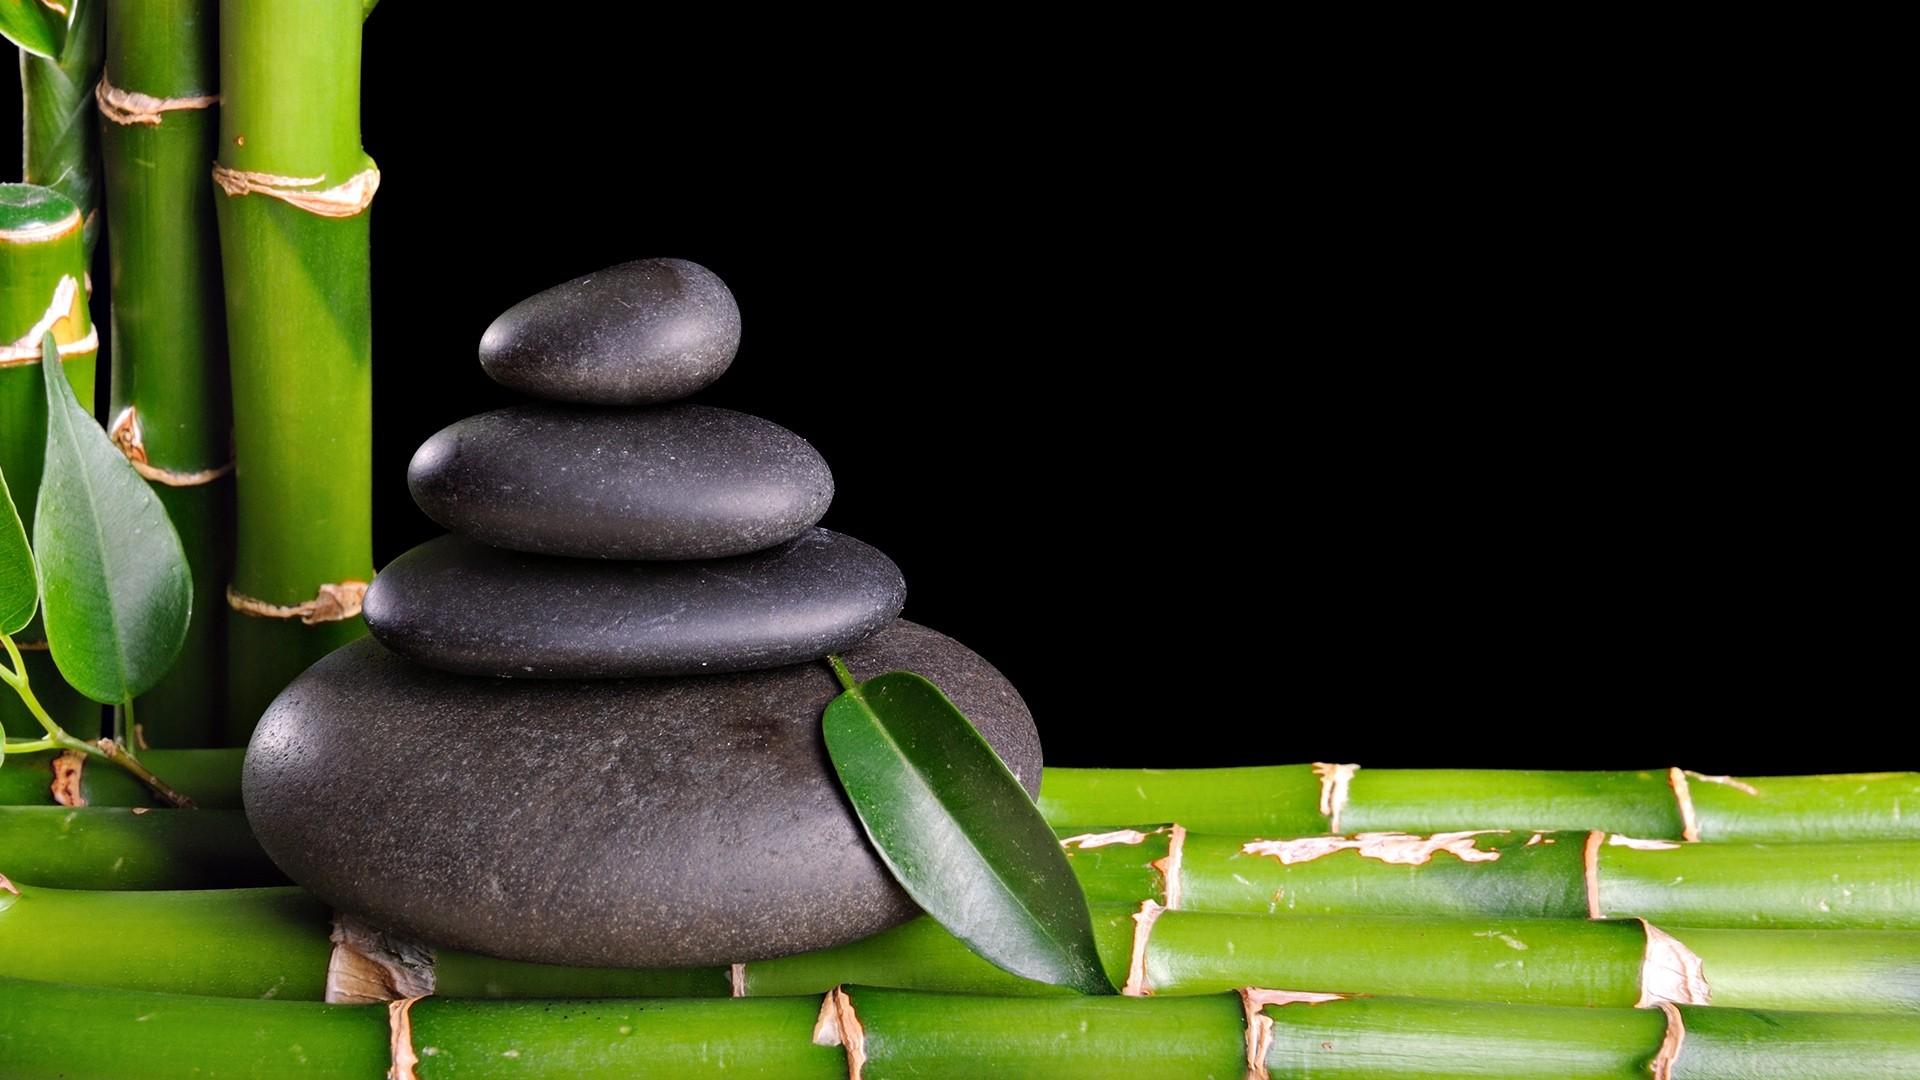 Zen Background Wallpaper